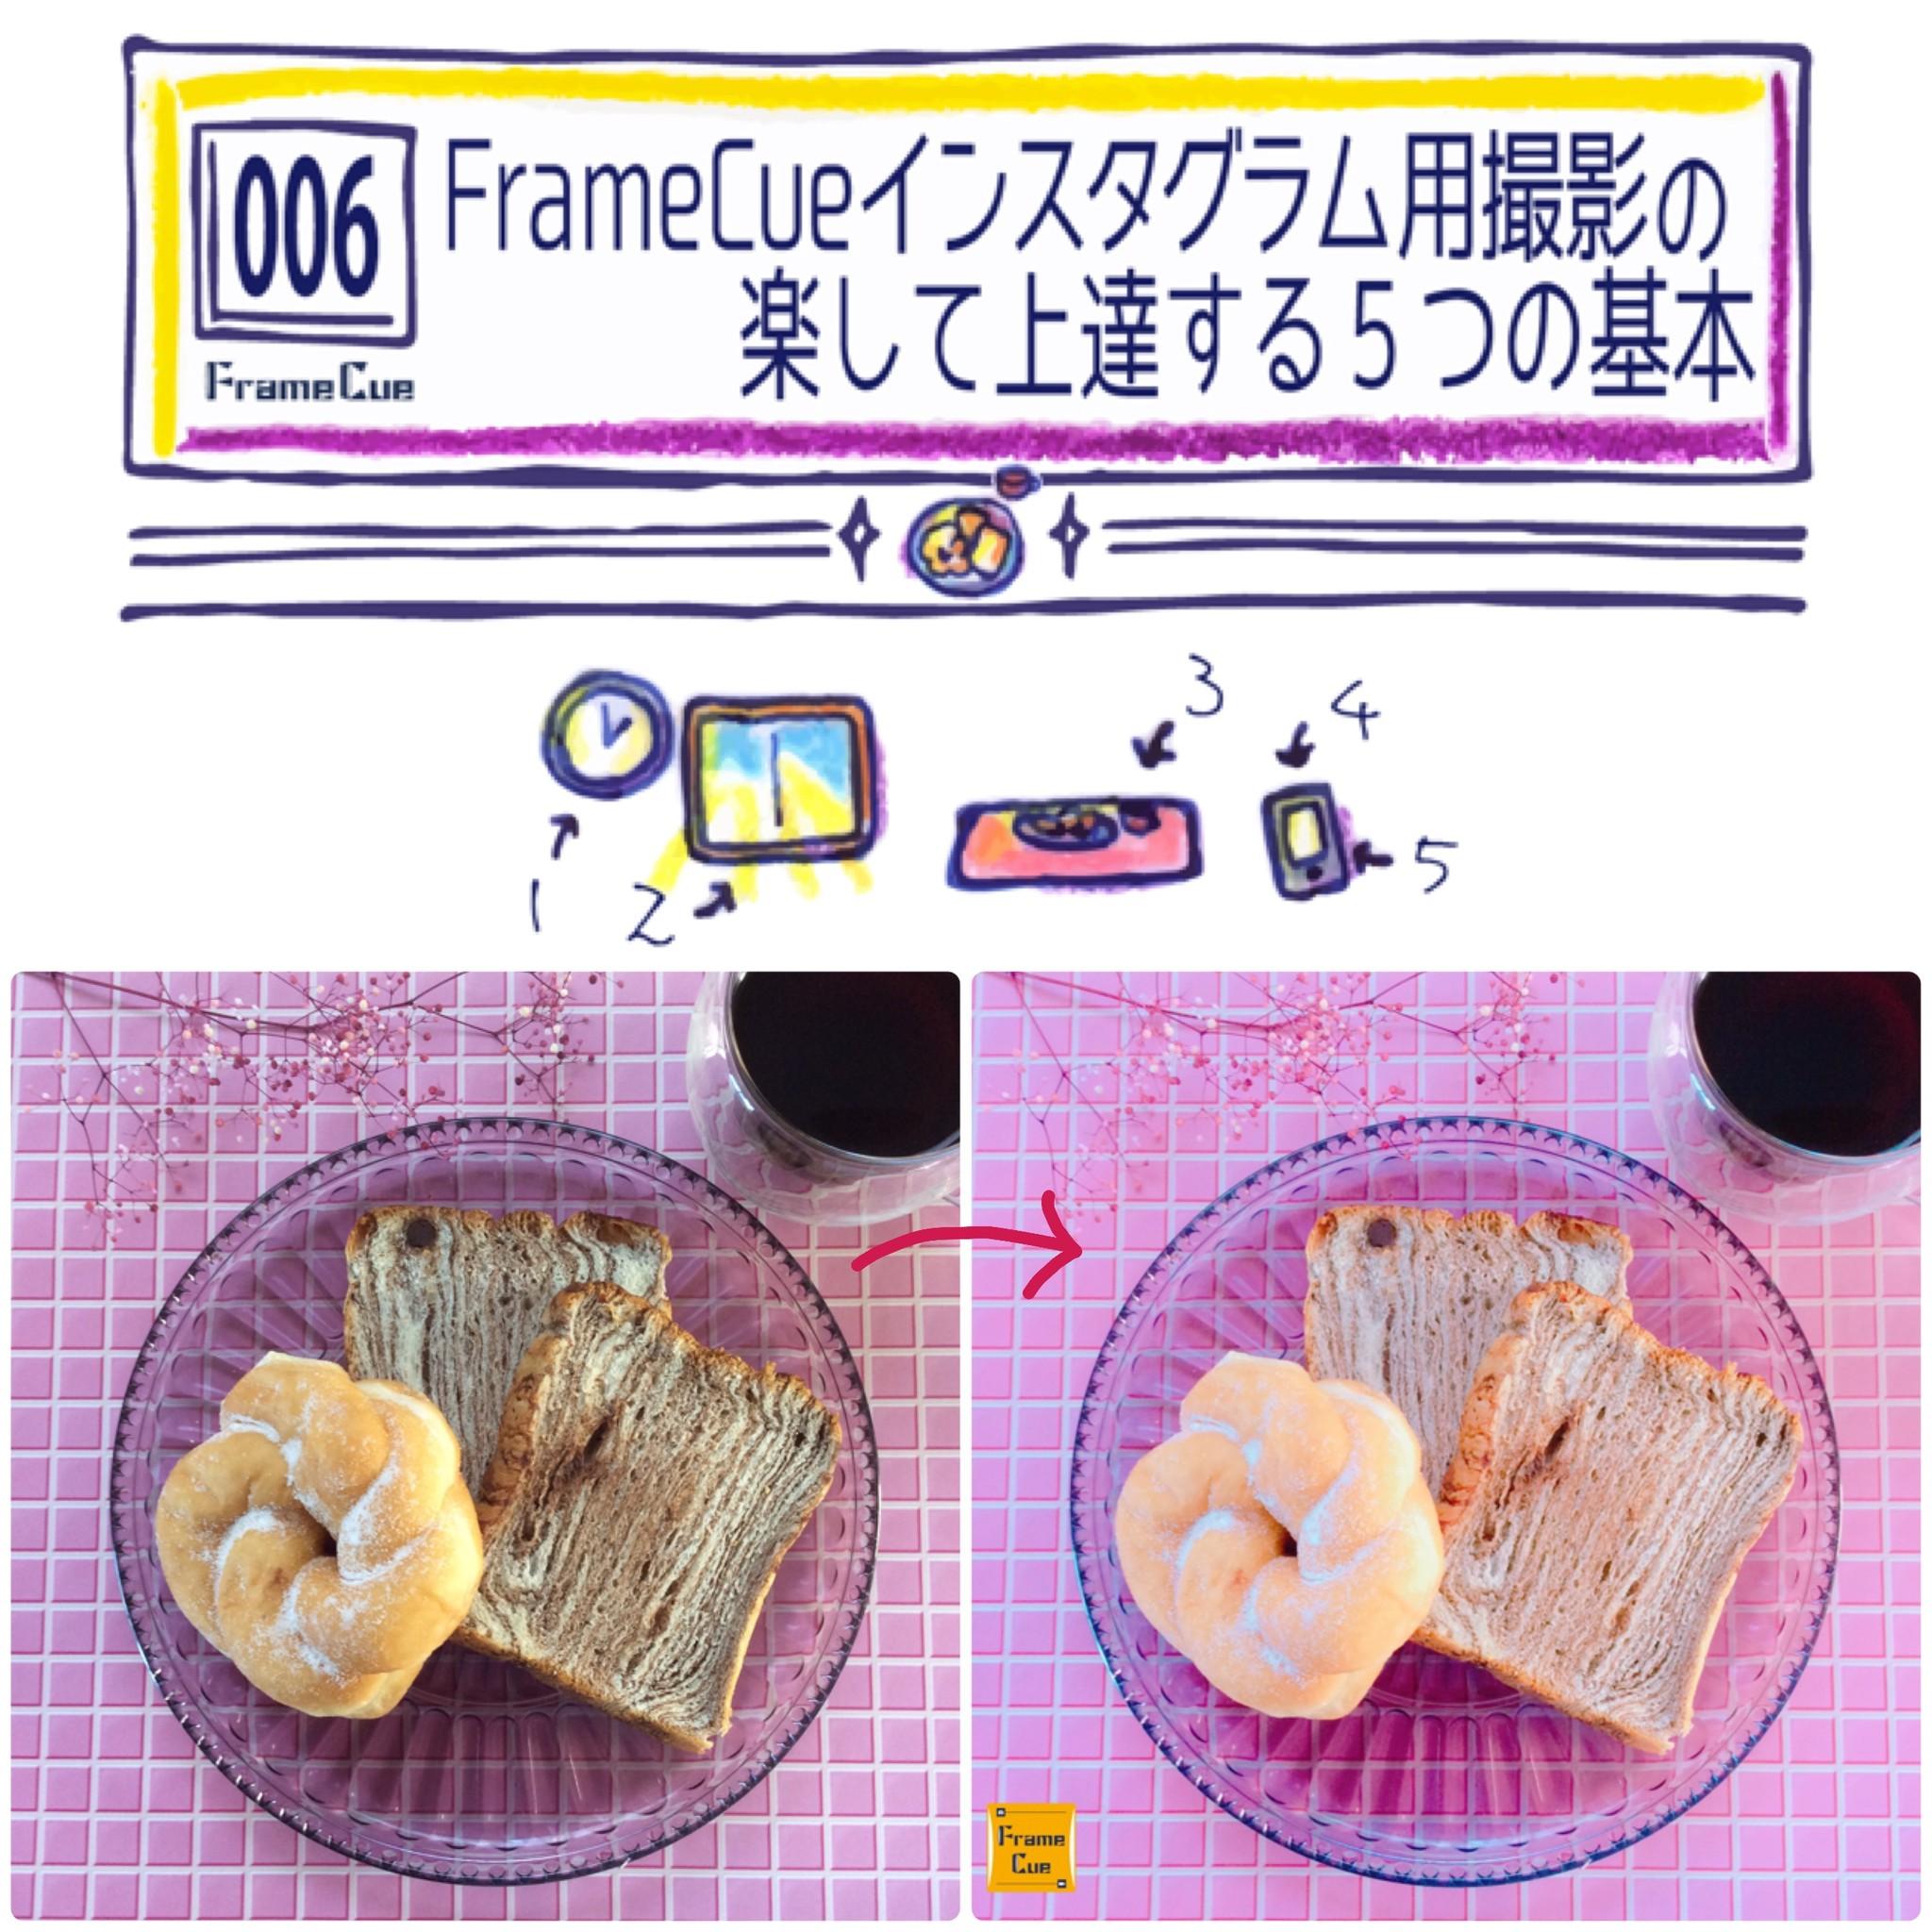 FrameCueの撮影実演#006『FrameCueインスタグラム用撮影の楽して上達する5つの基本』